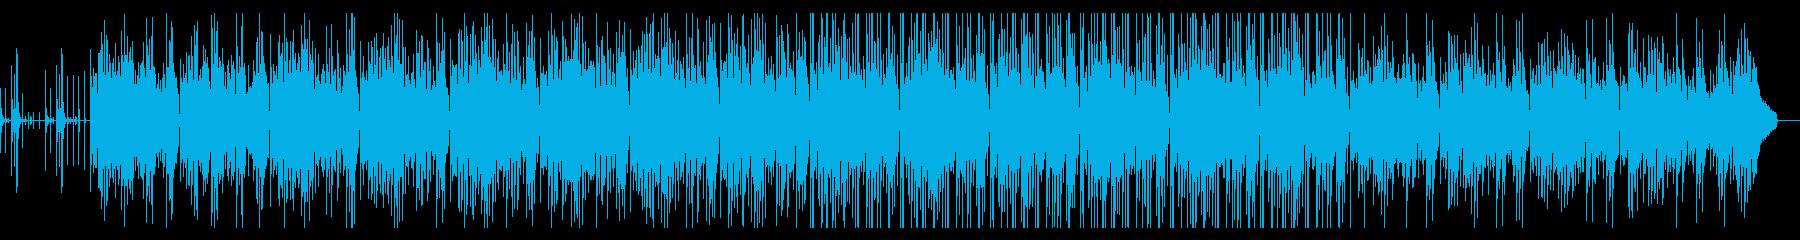 可愛いいCM、動画向けトイ曲の再生済みの波形